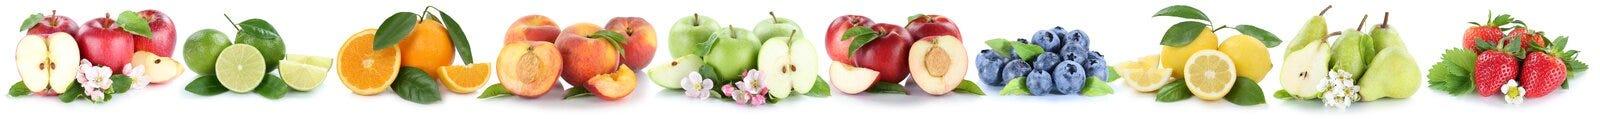 Fruttifica le mele che arancio della mela le arance fruttificano in una fila isolate su wh Immagine Stock Libera da Diritti